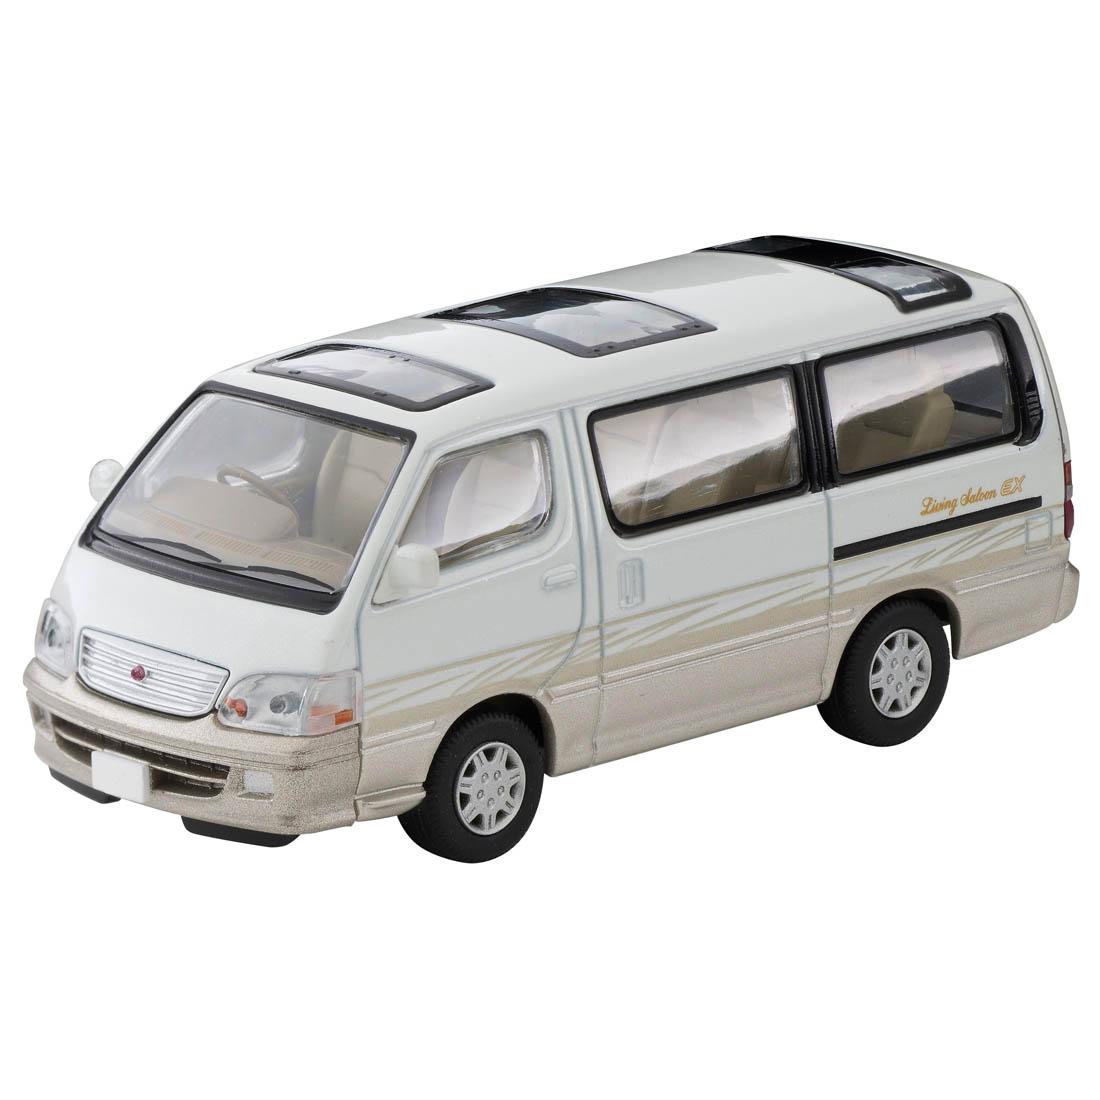 トミカリミテッド ヴィンテージ ネオ TLV-NEO『LV-N216a ハイエースワゴン リビングサルーン EX(白/ベージュ)』1/64 ミニカー-001